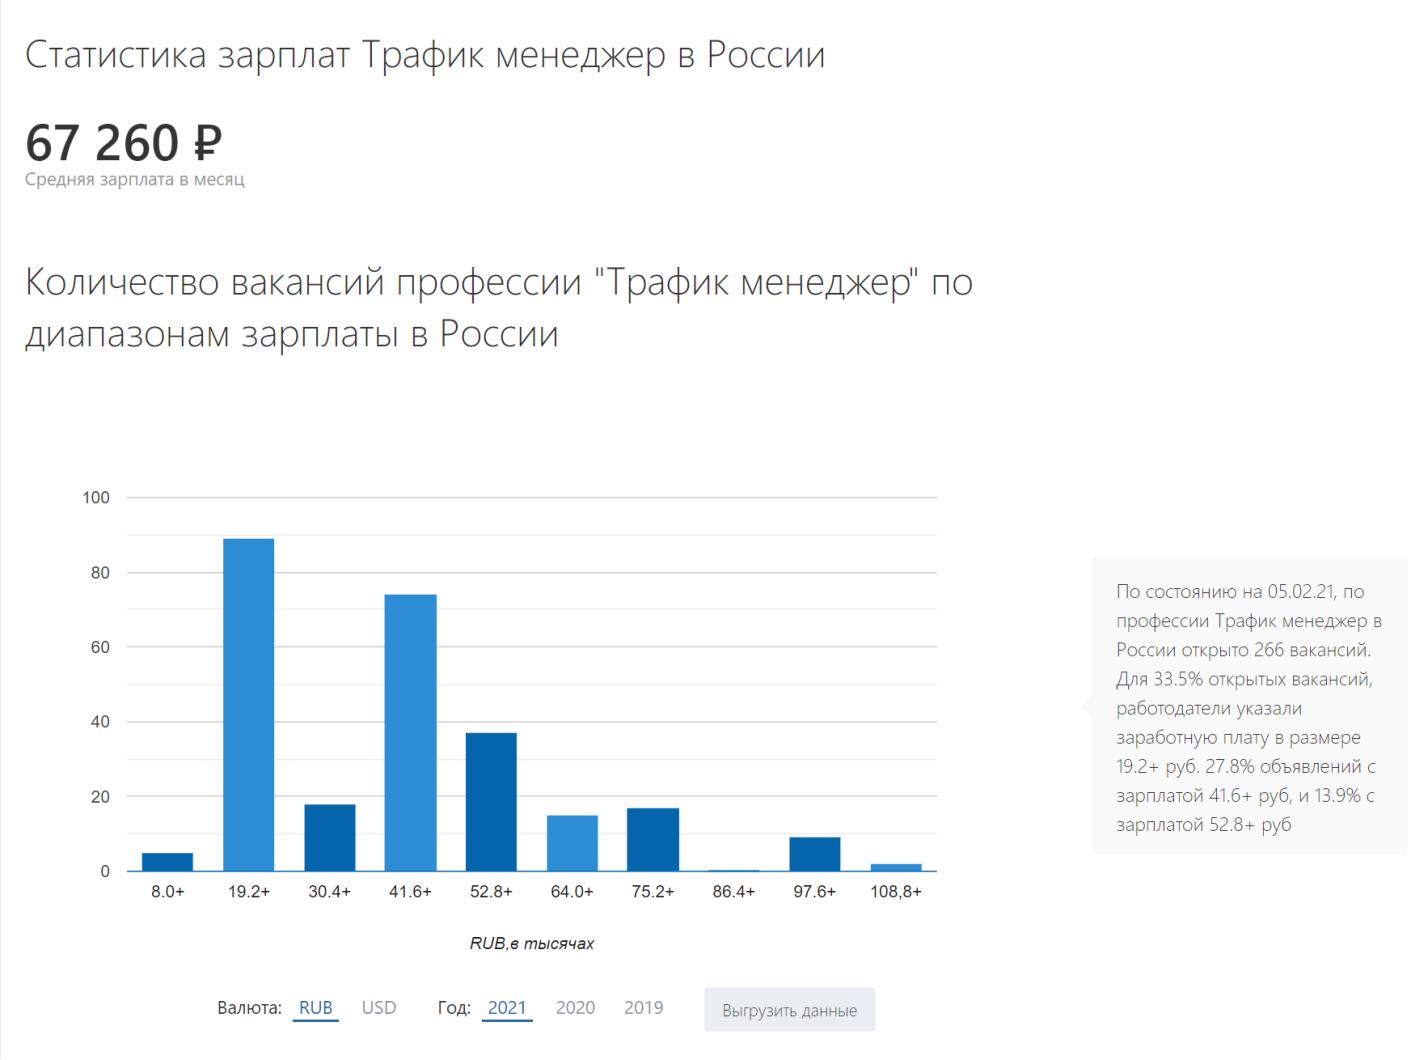 Уровень зарплаты для трафик-менеджера в России